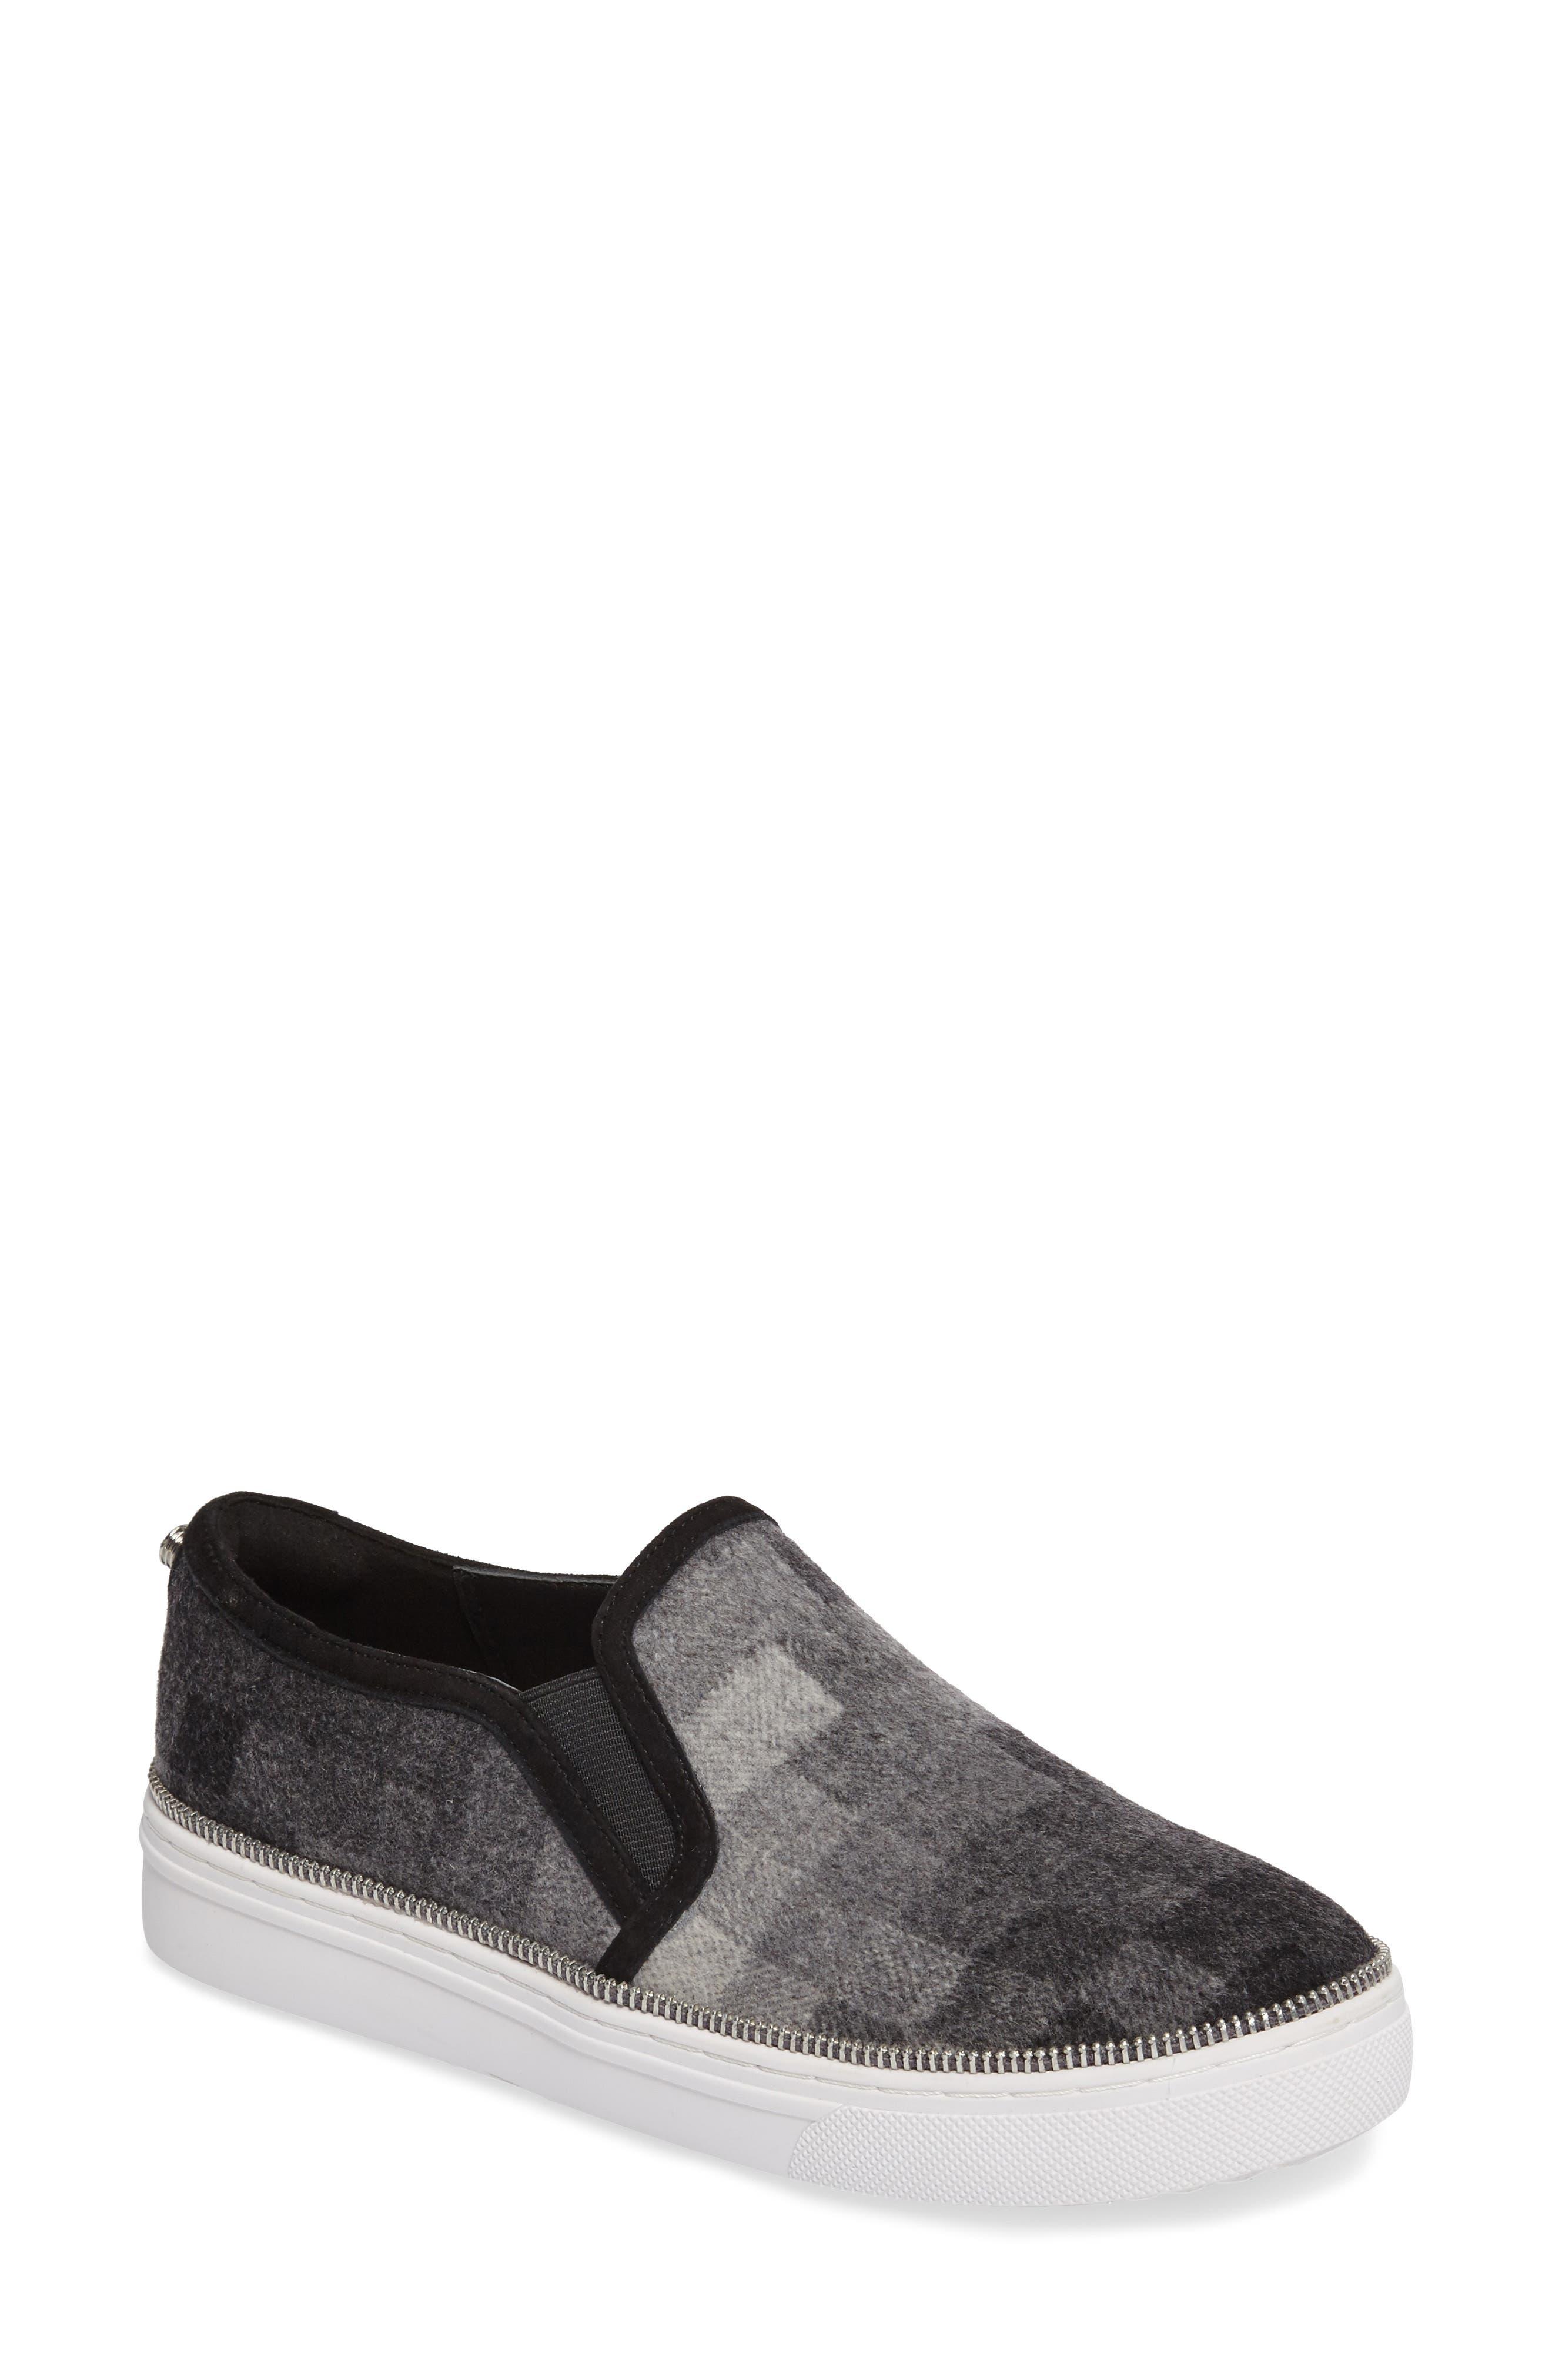 Harper Slip-On Sneaker,                             Main thumbnail 2, color,